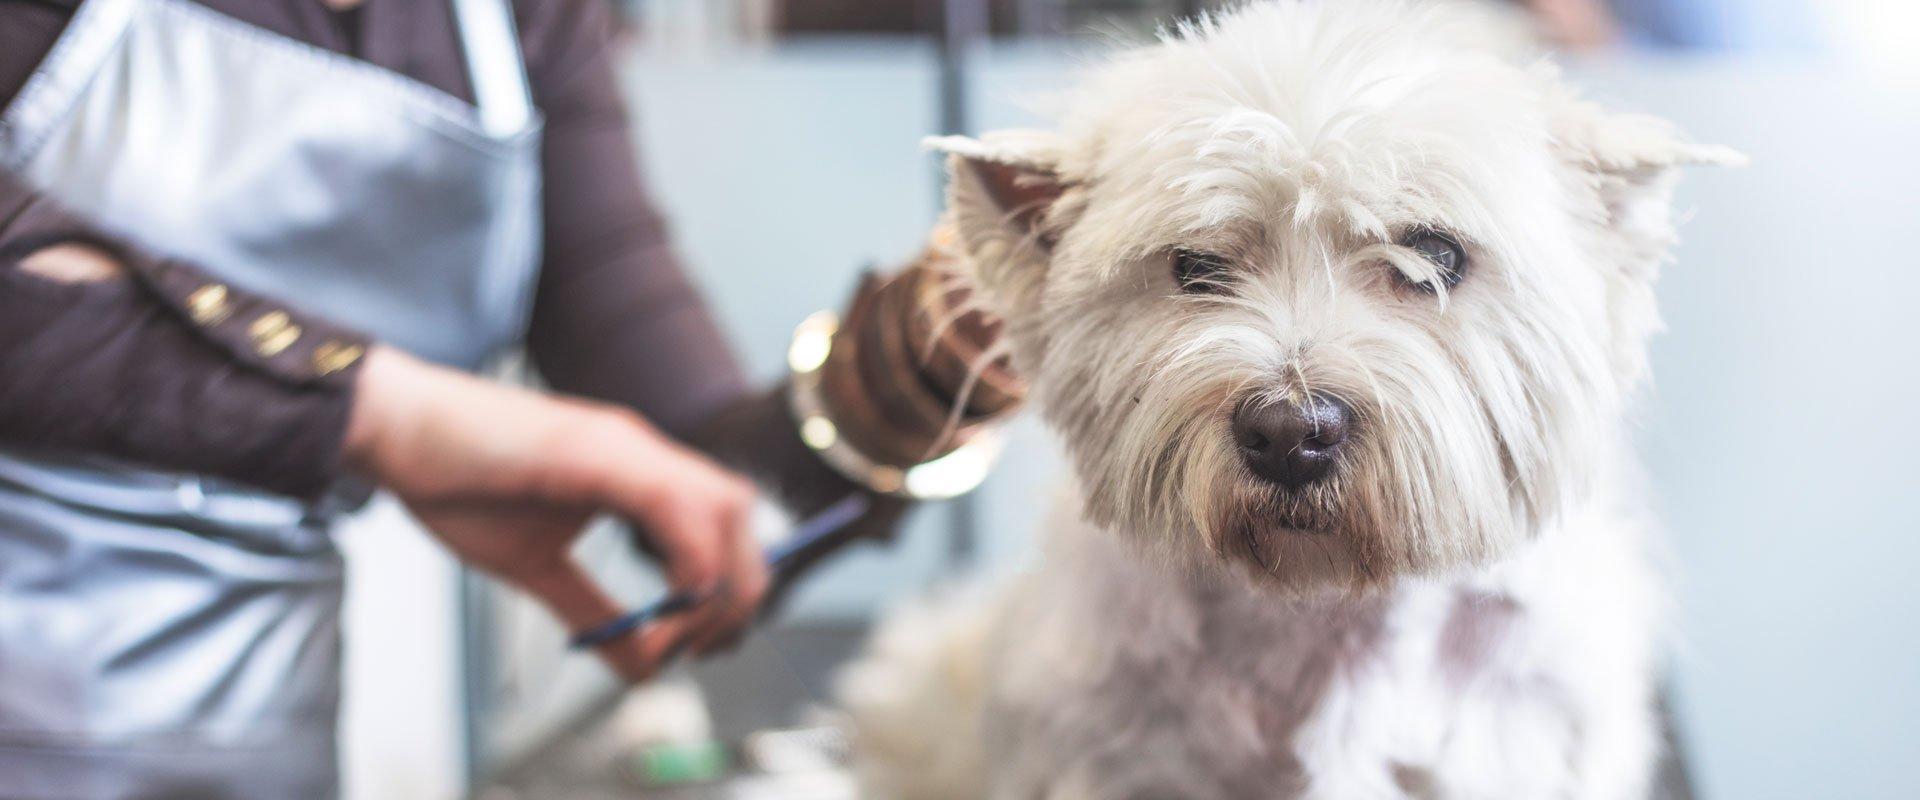 dog scissoring